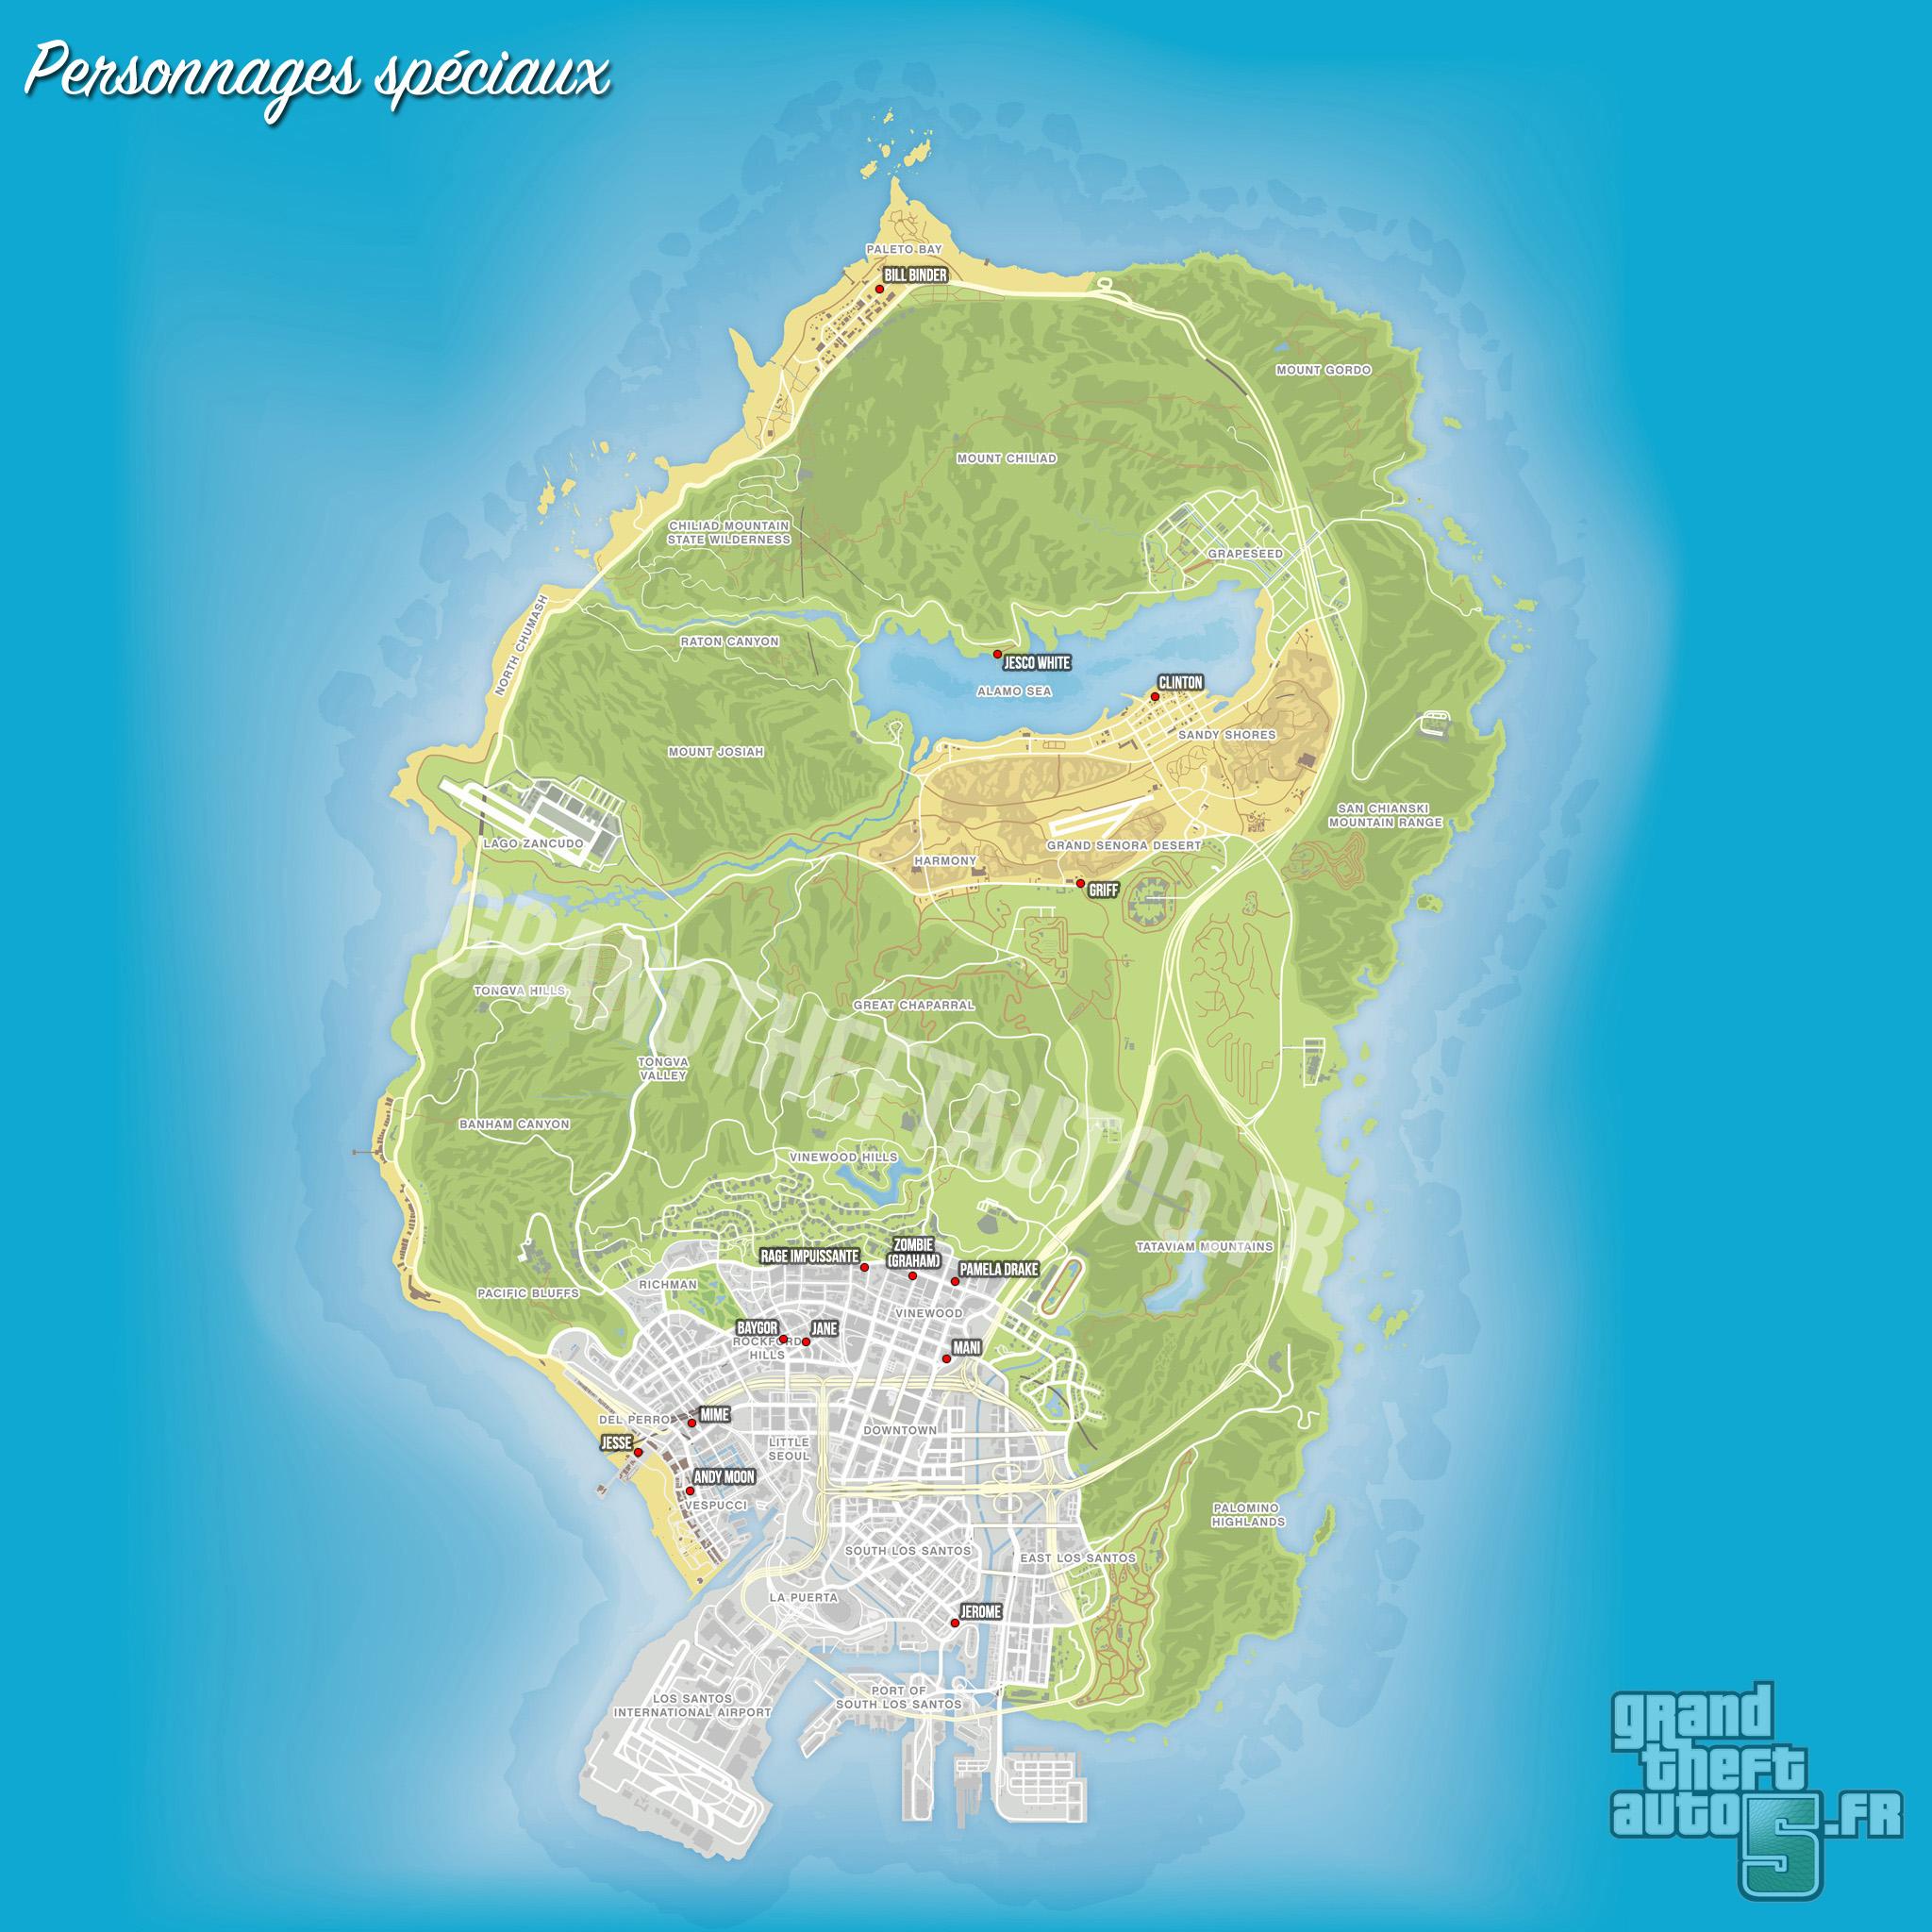 Secret Places Gta 5 Ps4: Les Personnages Spéciaux De GTA 5 / GTA V